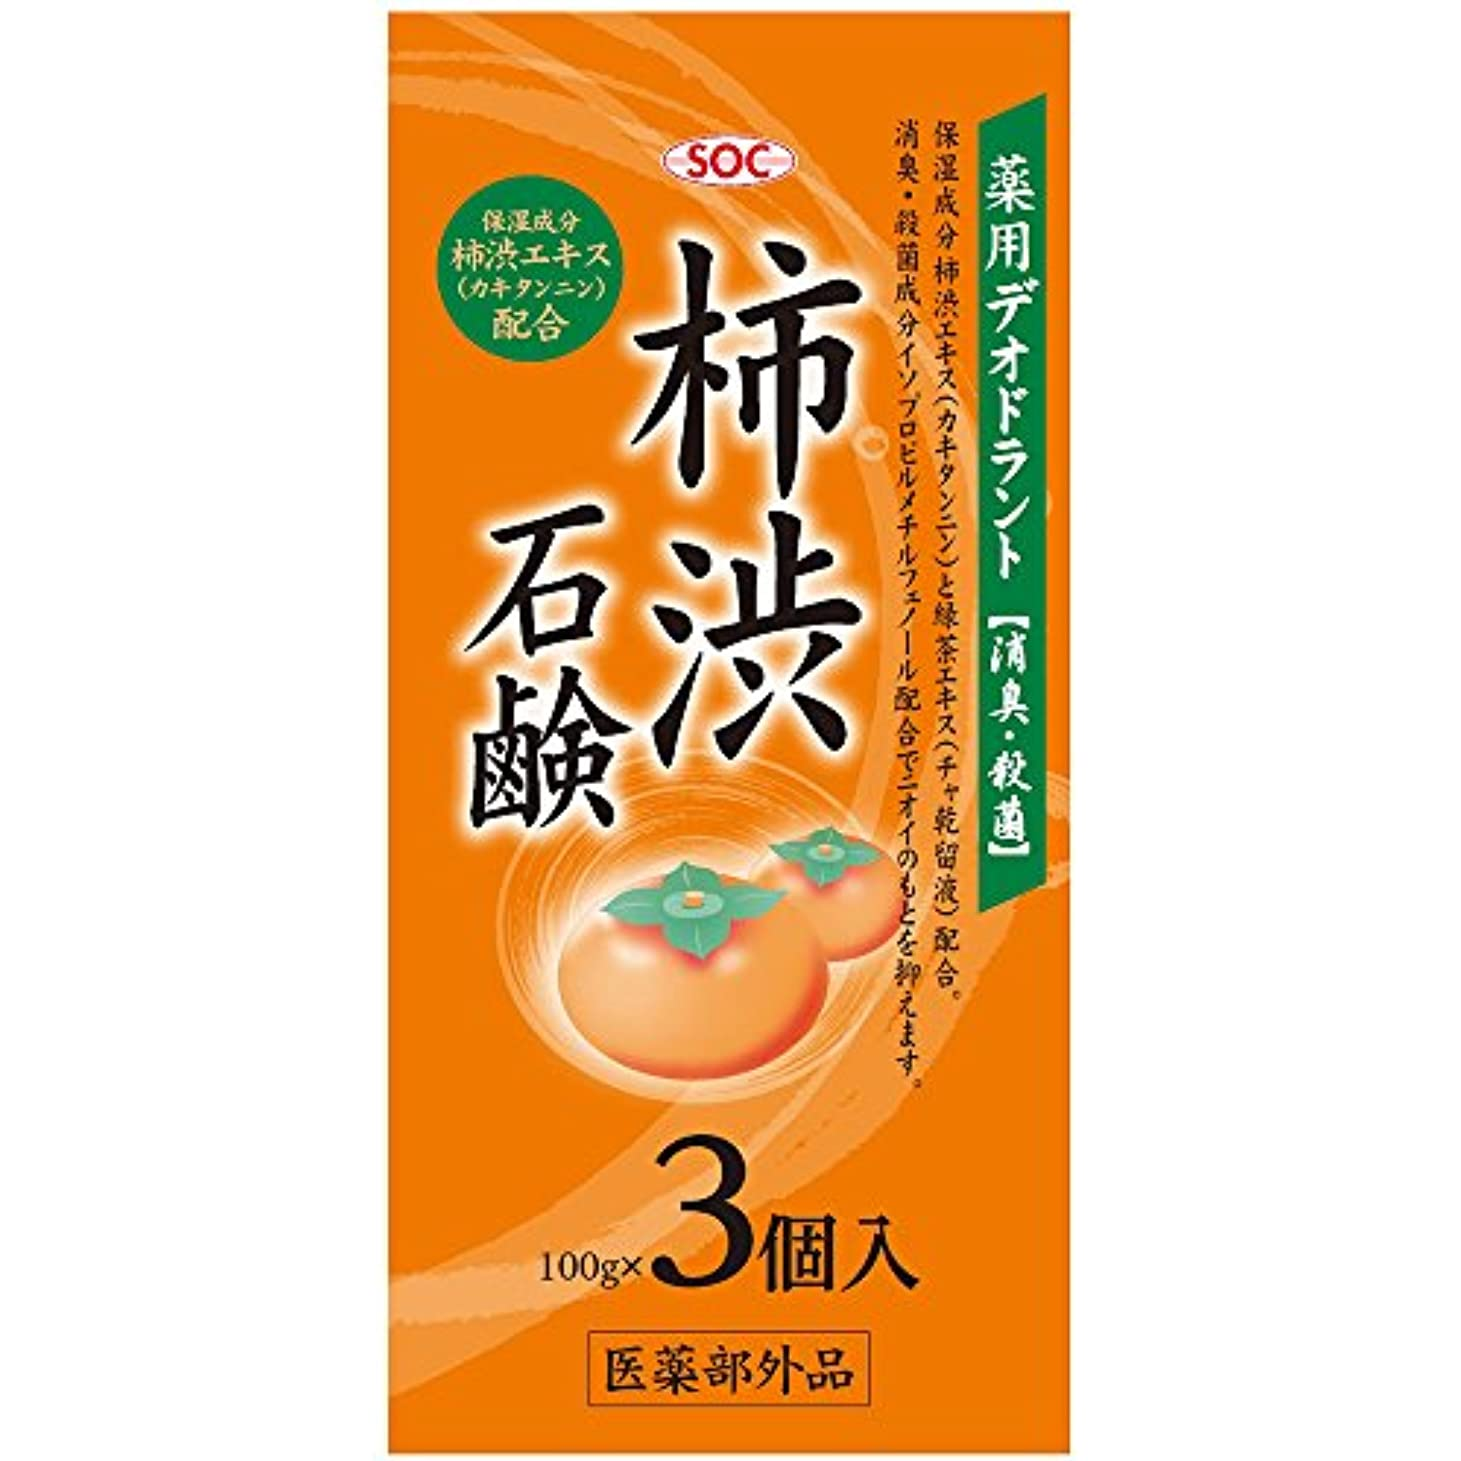 ランタン説明的宿泊SOC 薬用柿渋石鹸 3P (100g×3)